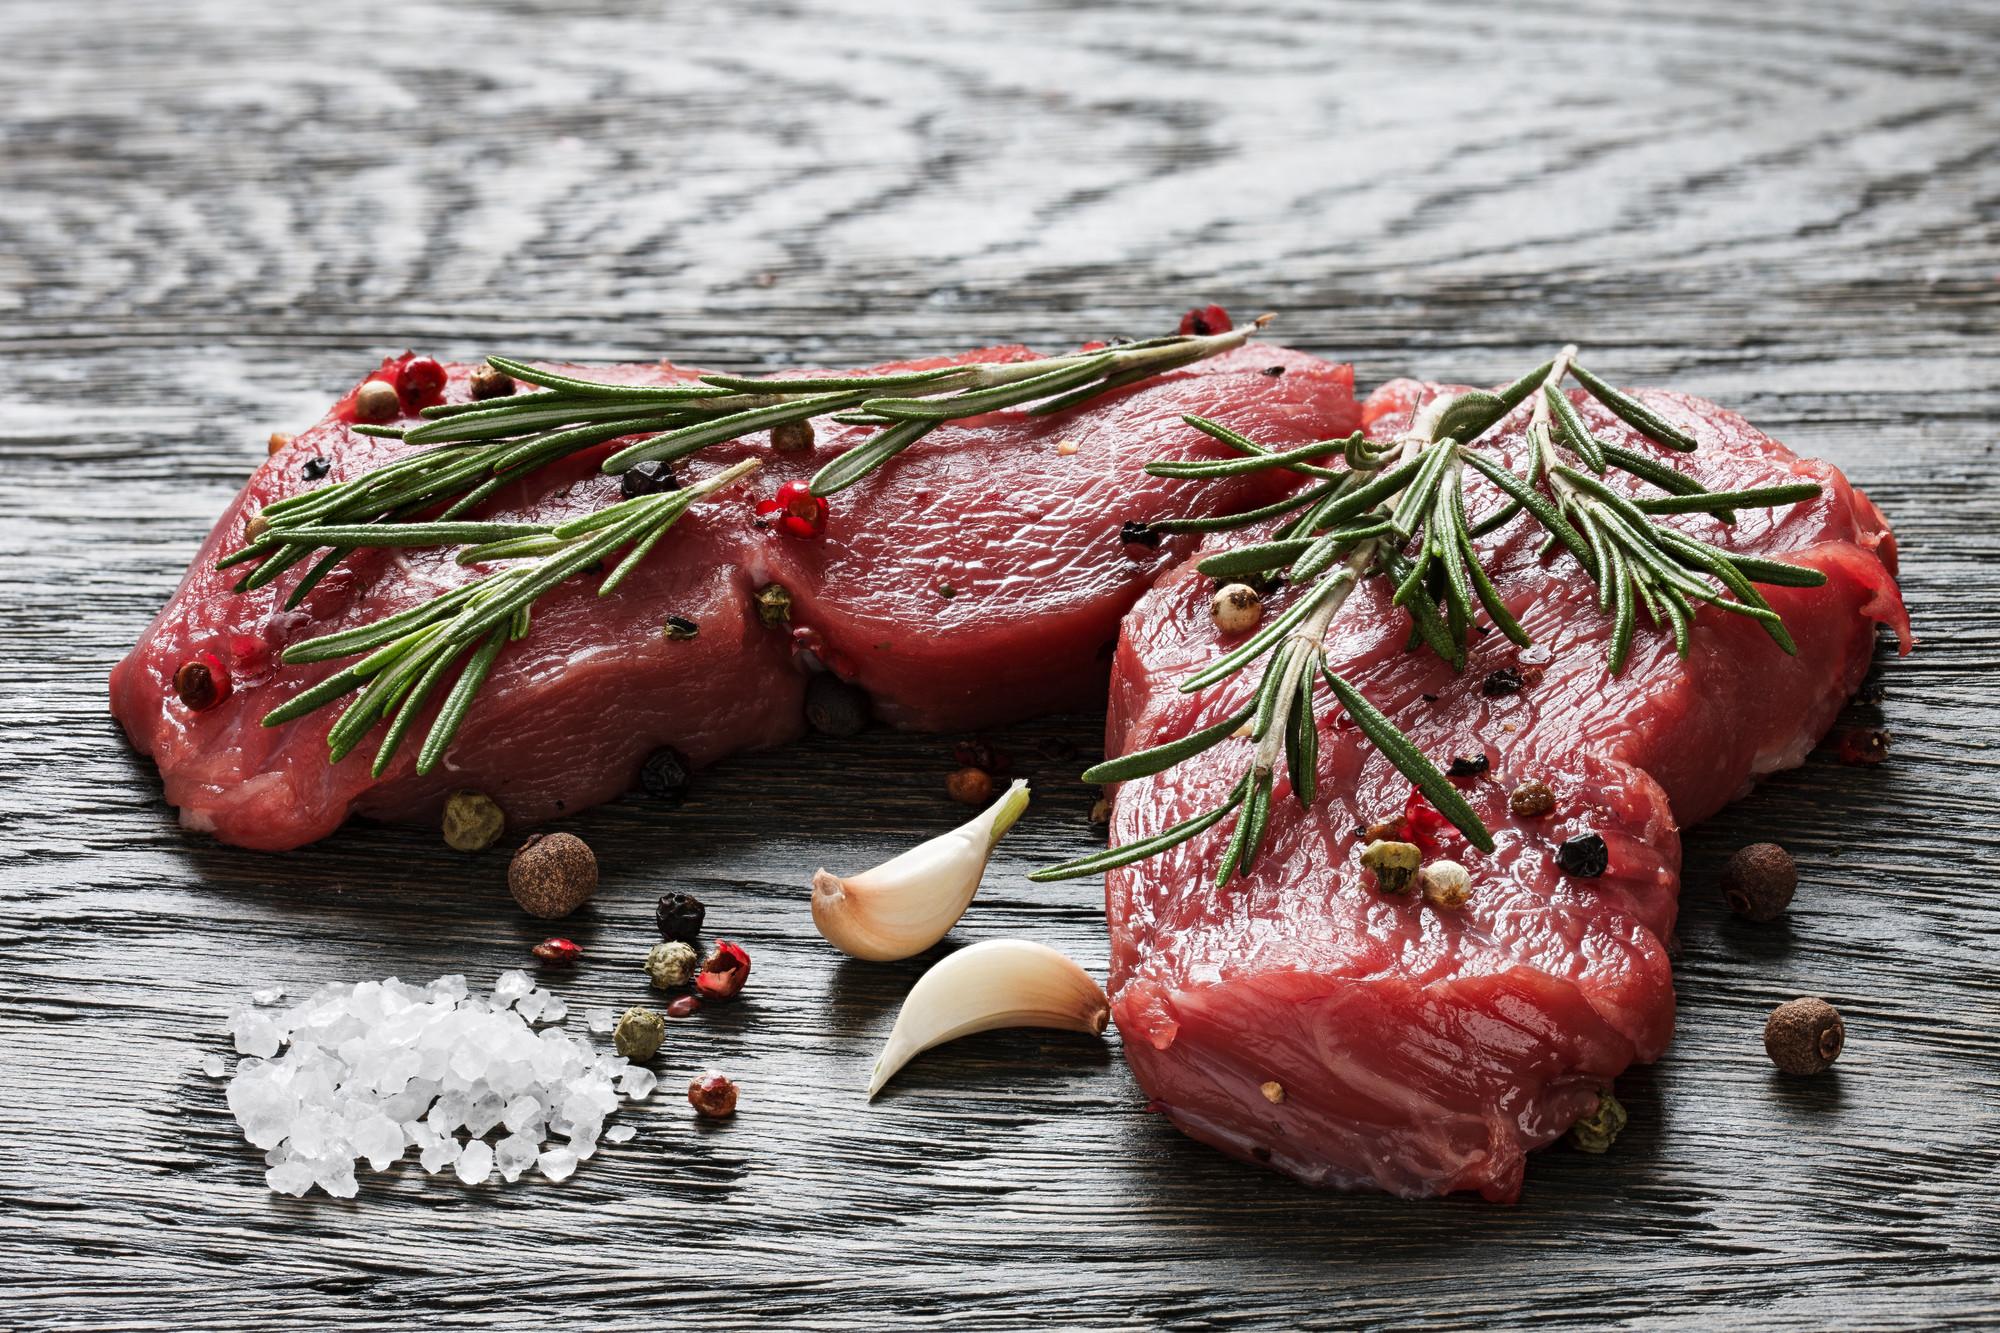 Еда в Книге Гиннеса: 9 впечатляющих гастрономических рекордов